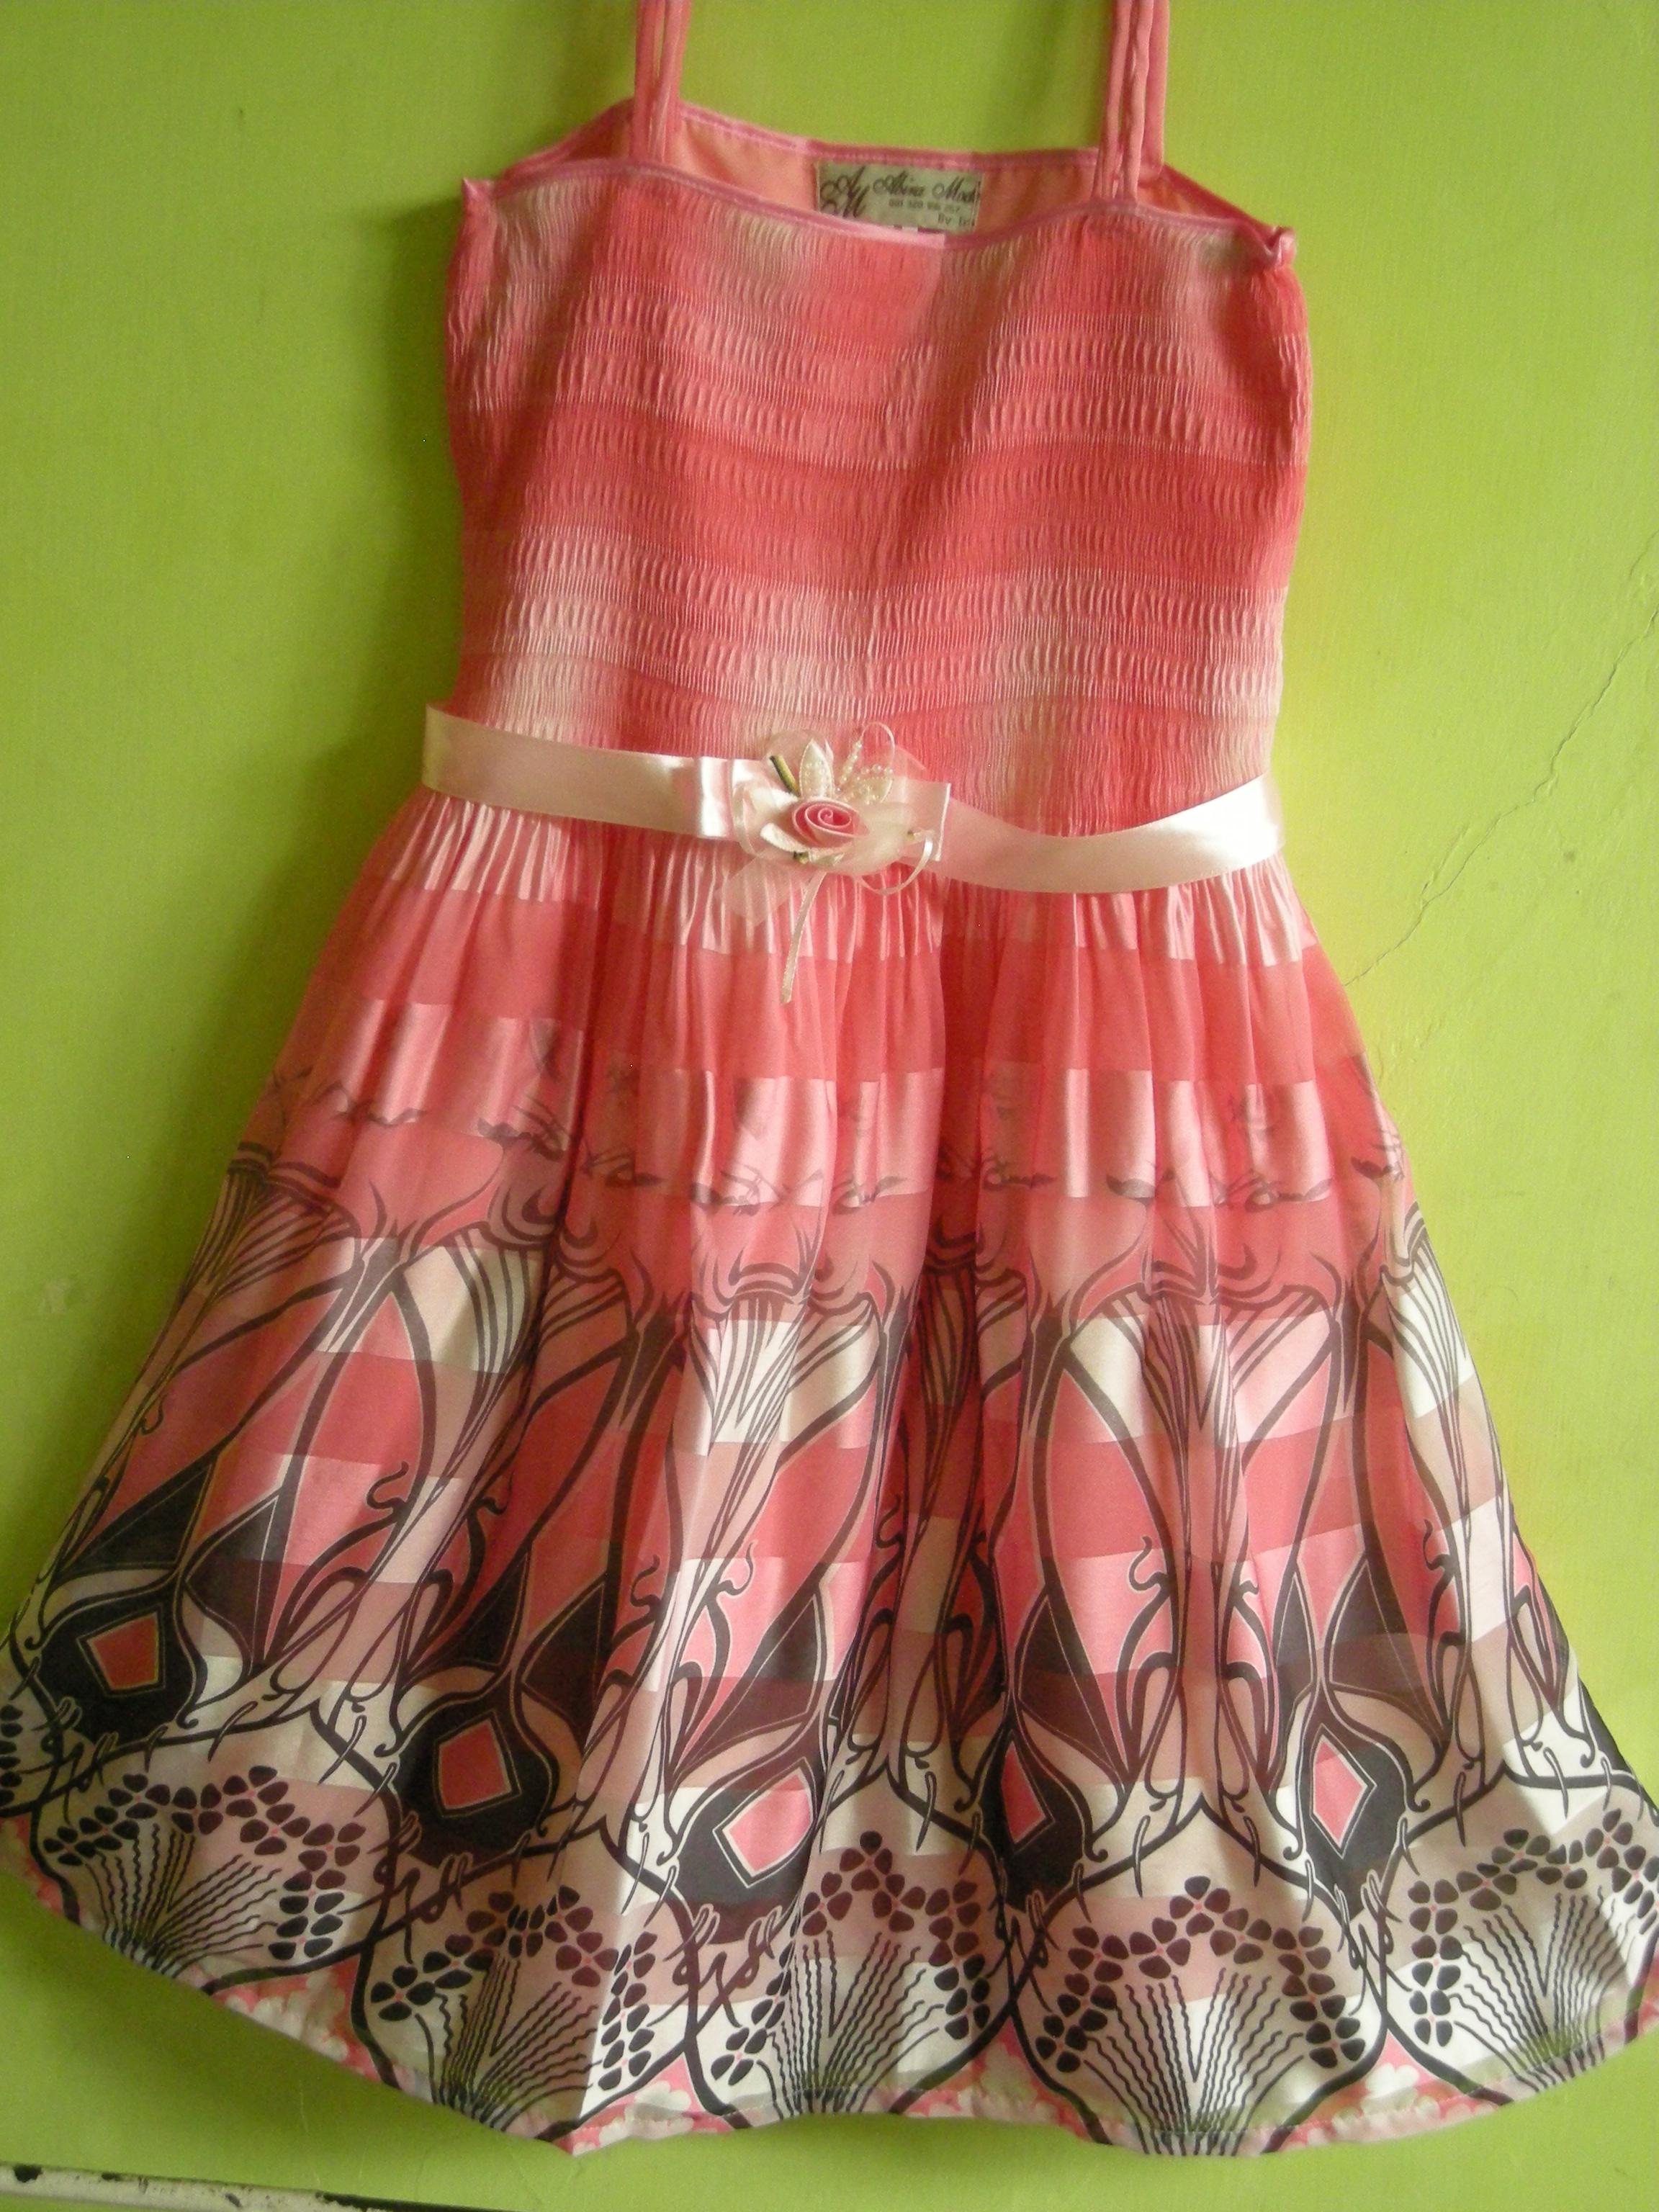 Baju Pesta Anak 15 Ibu Ira 0811254451 Grosir Baju Pesta Anak